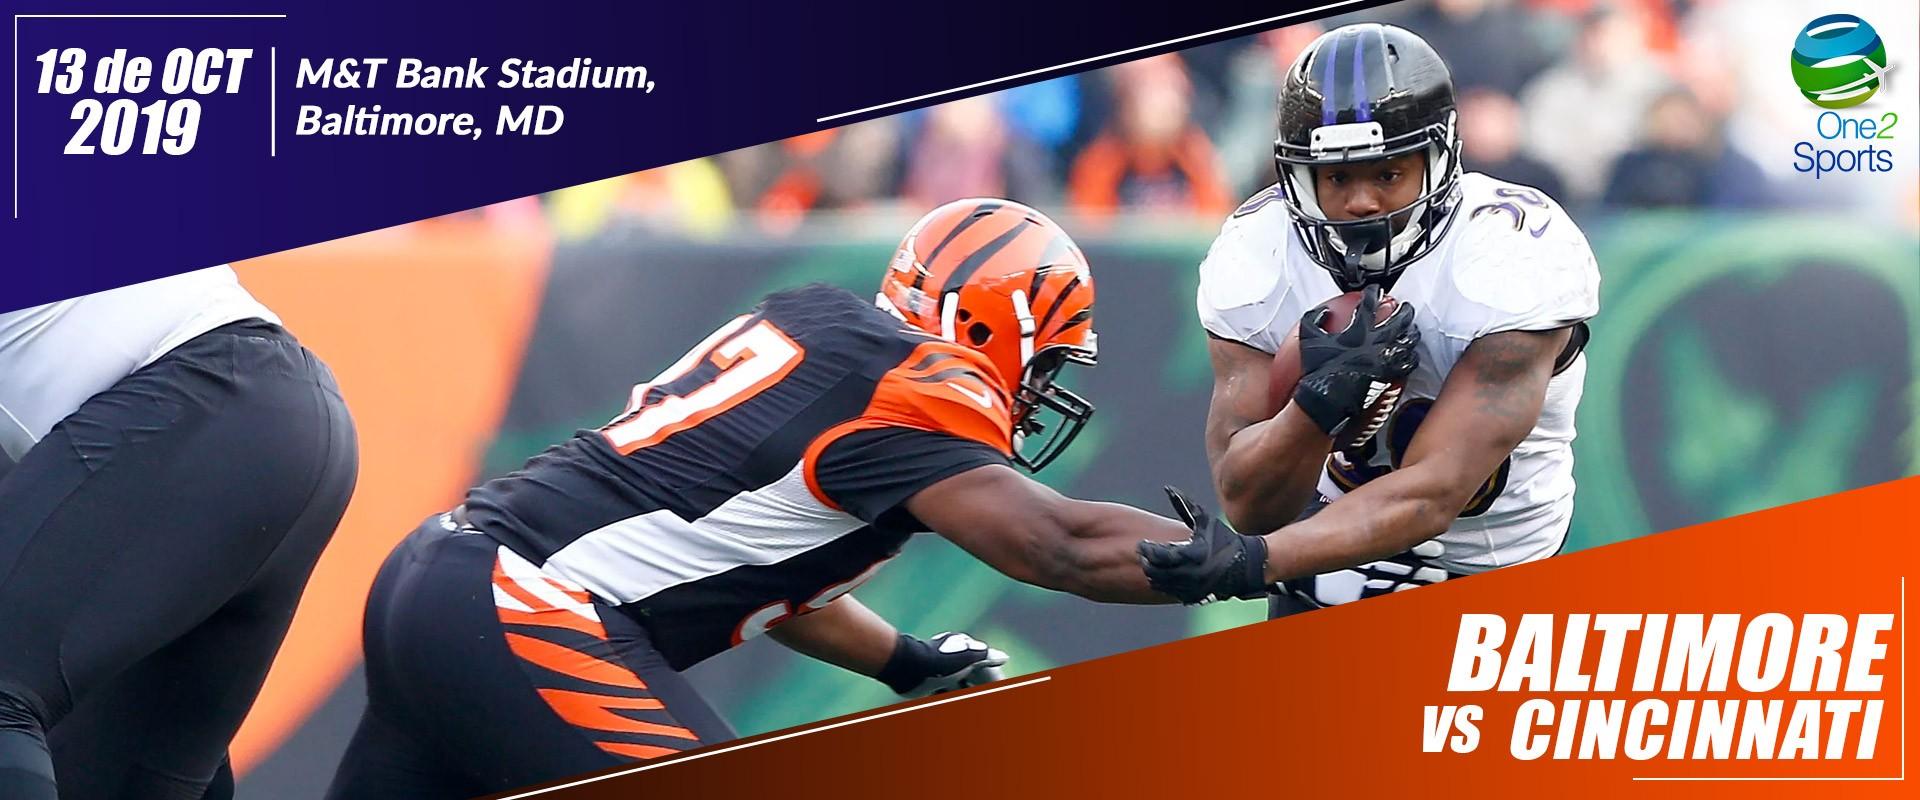 Baltimore vs Cincinnati